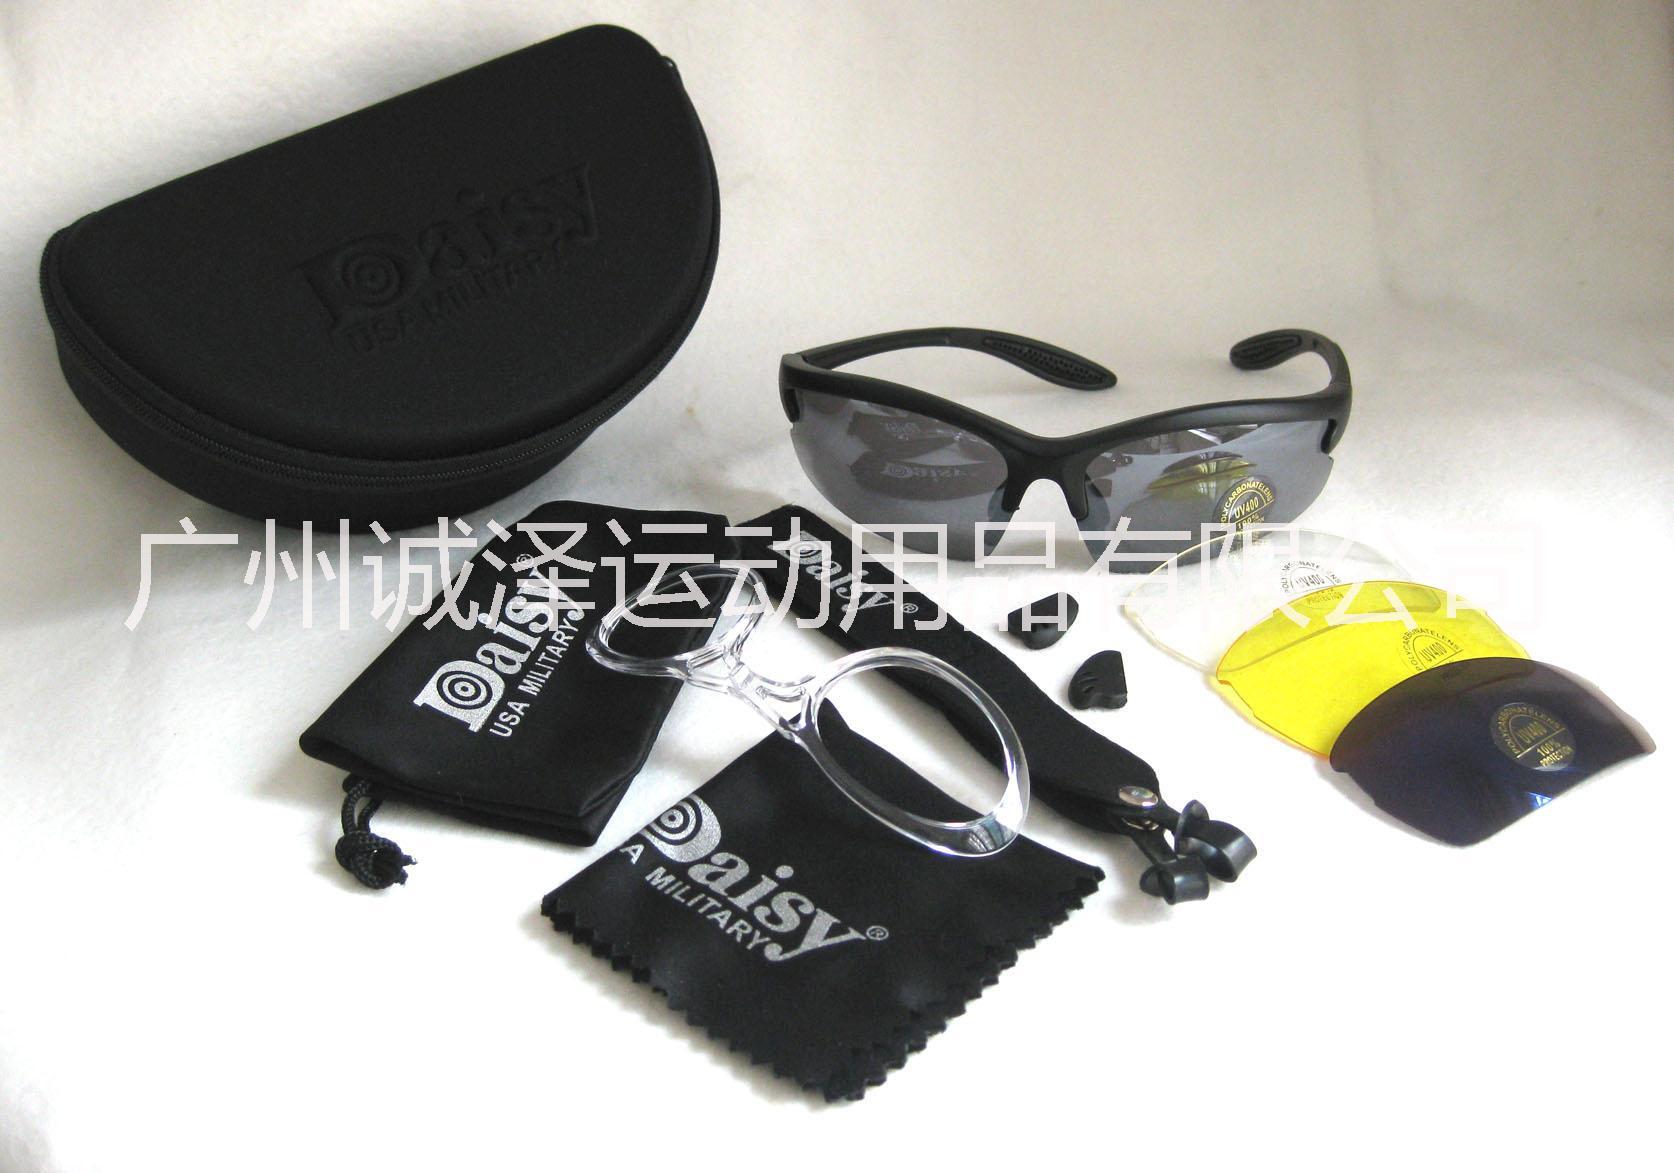 户外骑行风镜C3护目镜摩托车防风防沙镜军迷战术防护眼镜 Daisy C3